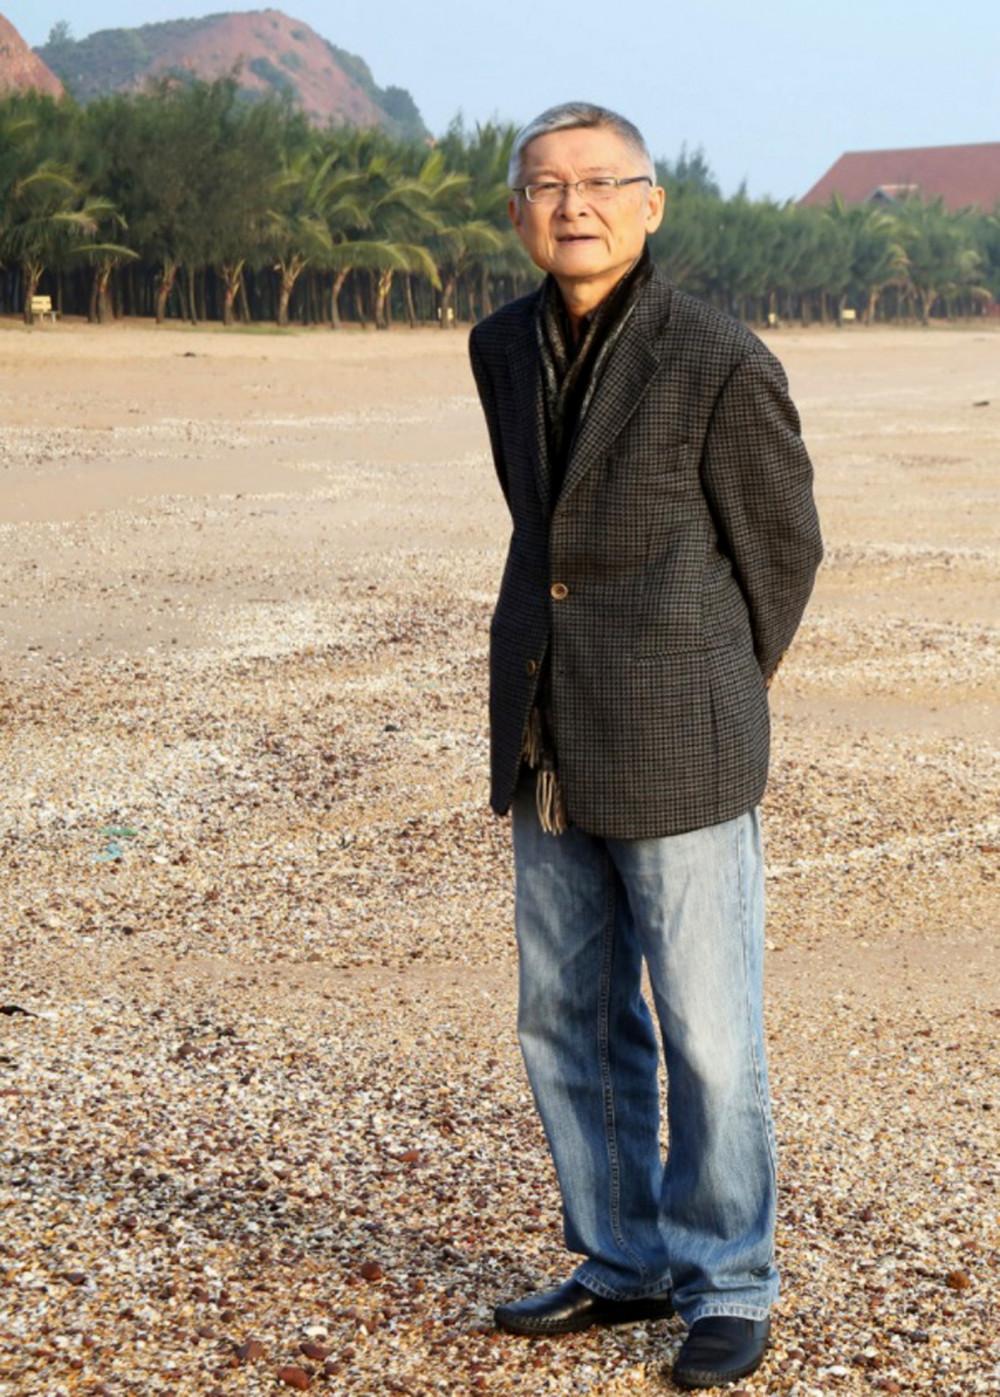 Đạo diễn Hồ Quang Minh qua đời vào ngày 16/10 sau một thời gian chống chọi bệnh tật, hưởng thọ 71 tuổi (ảnh gia đình cung cấp)